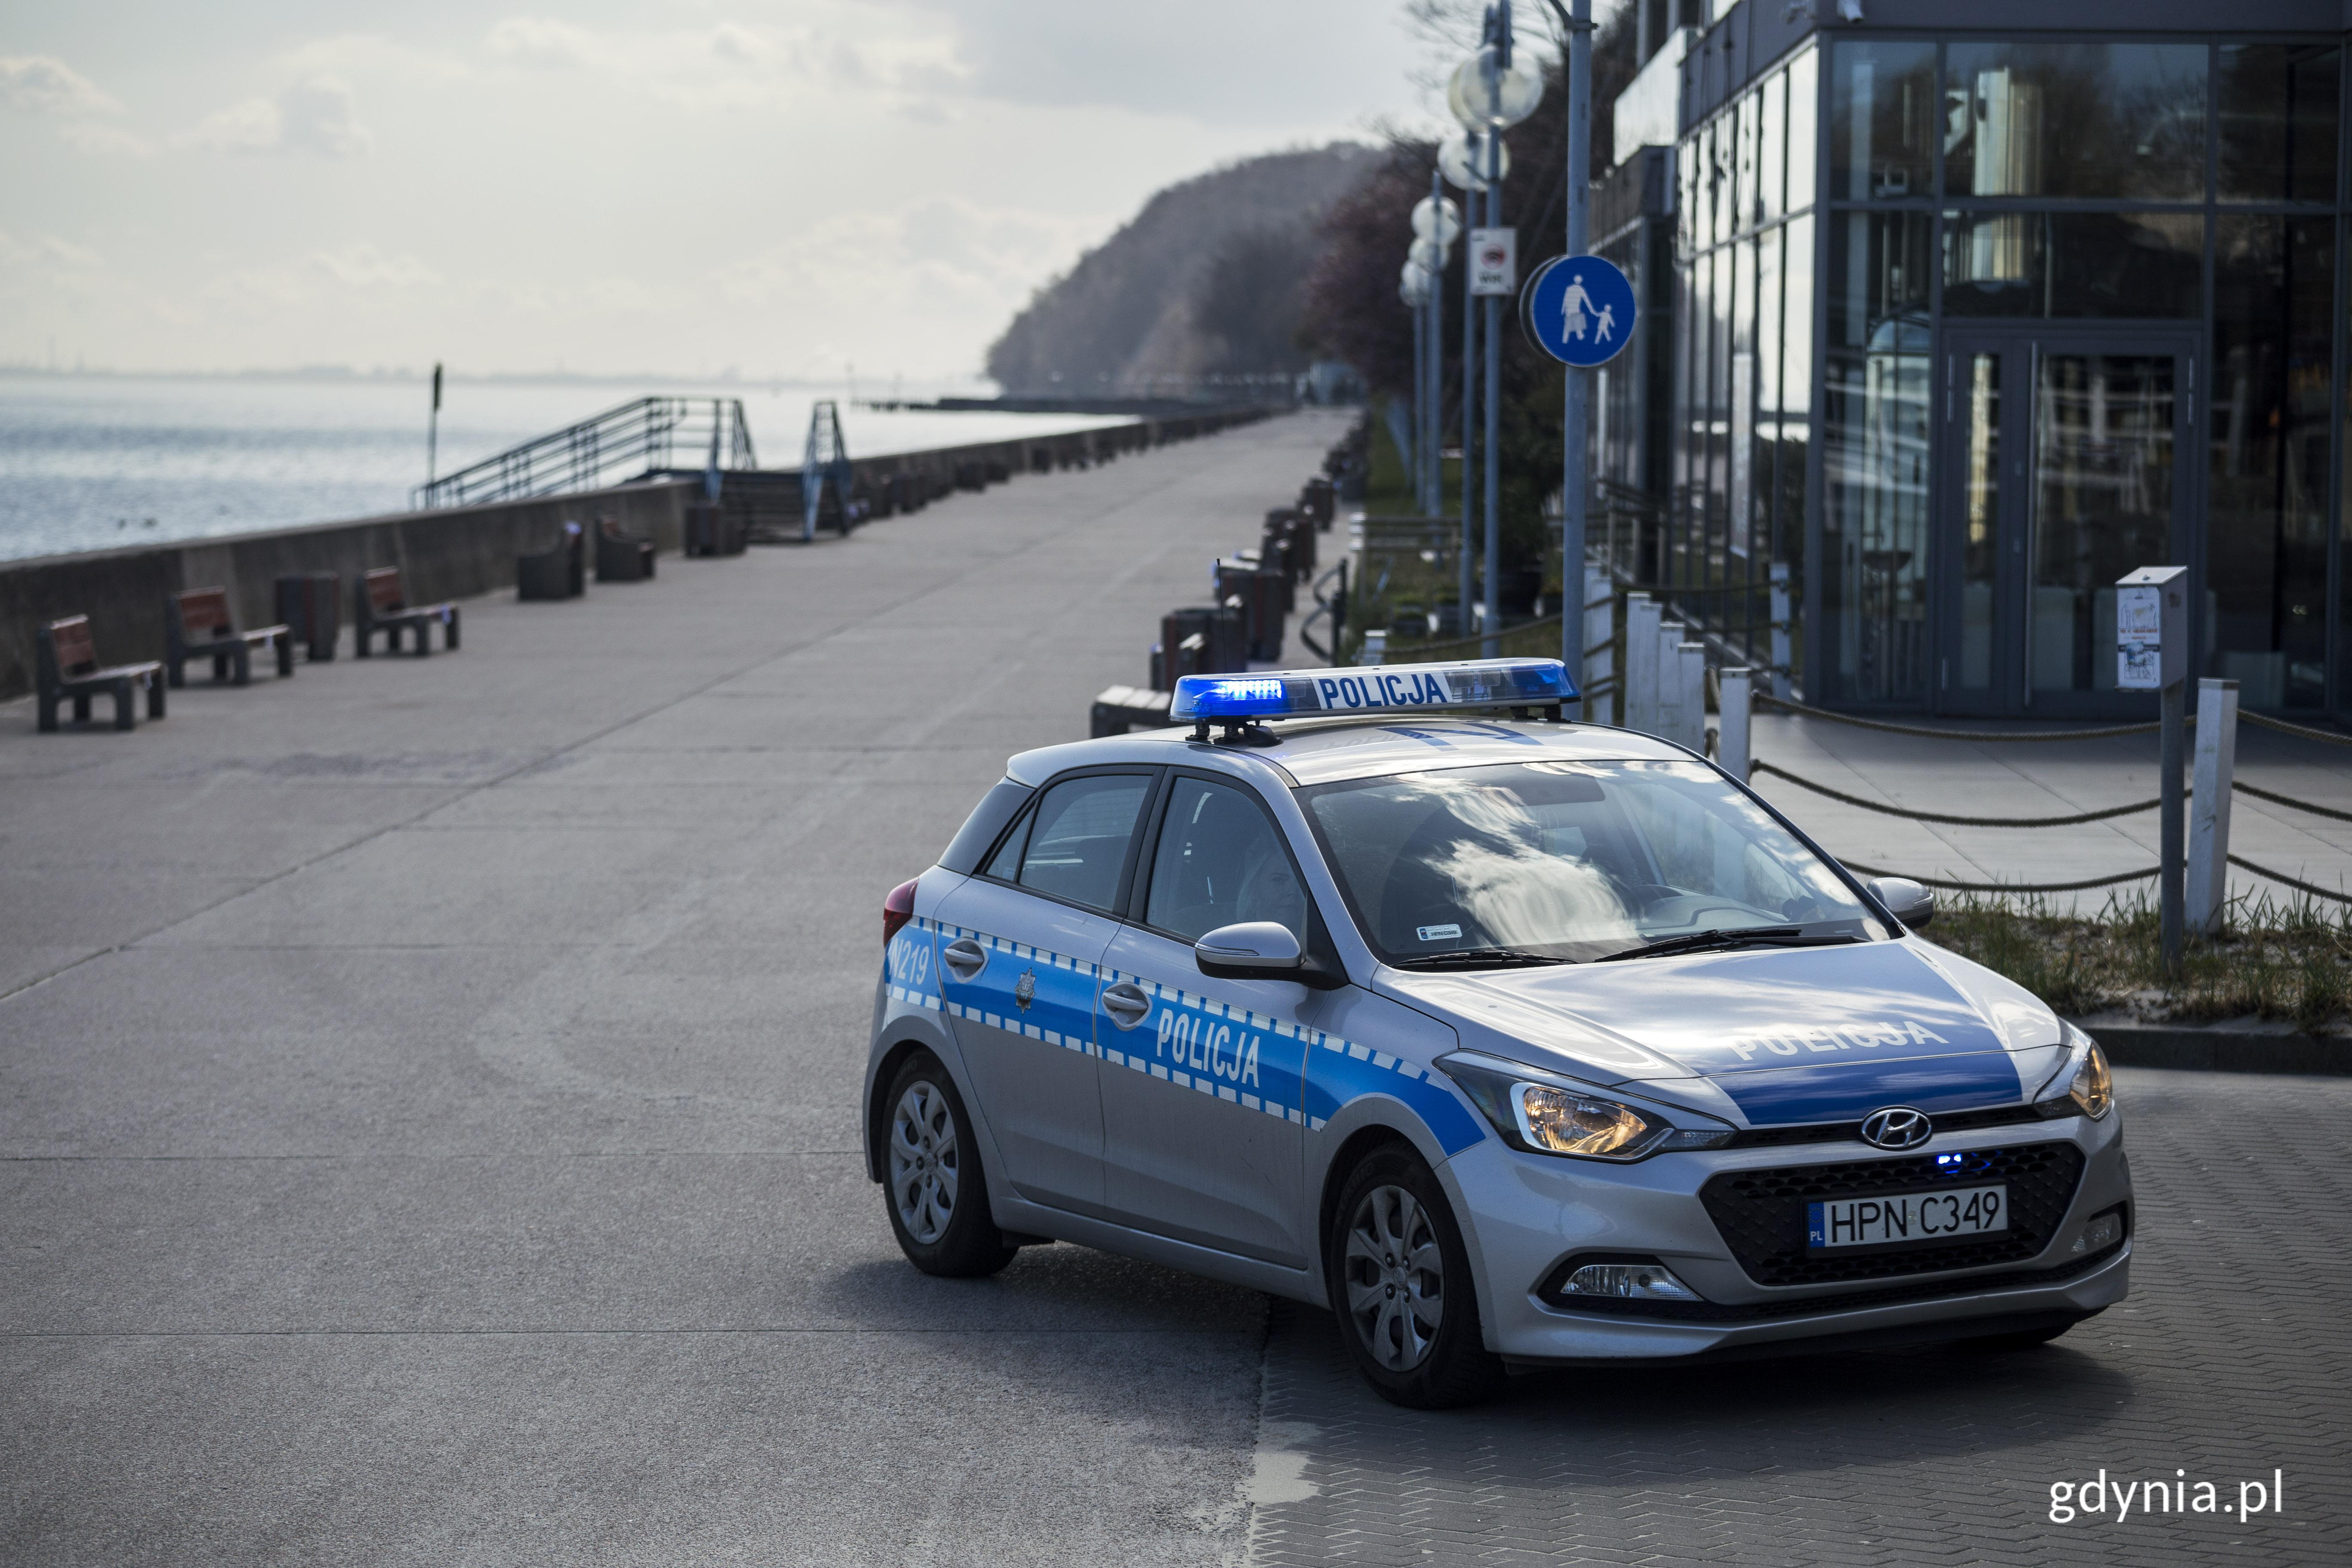 Wyludniony Bulwar Nadmorski w Gdyni strzeżony przez policję podczas wiosennego lockdownu. Fot. Przemysław Kozłowski